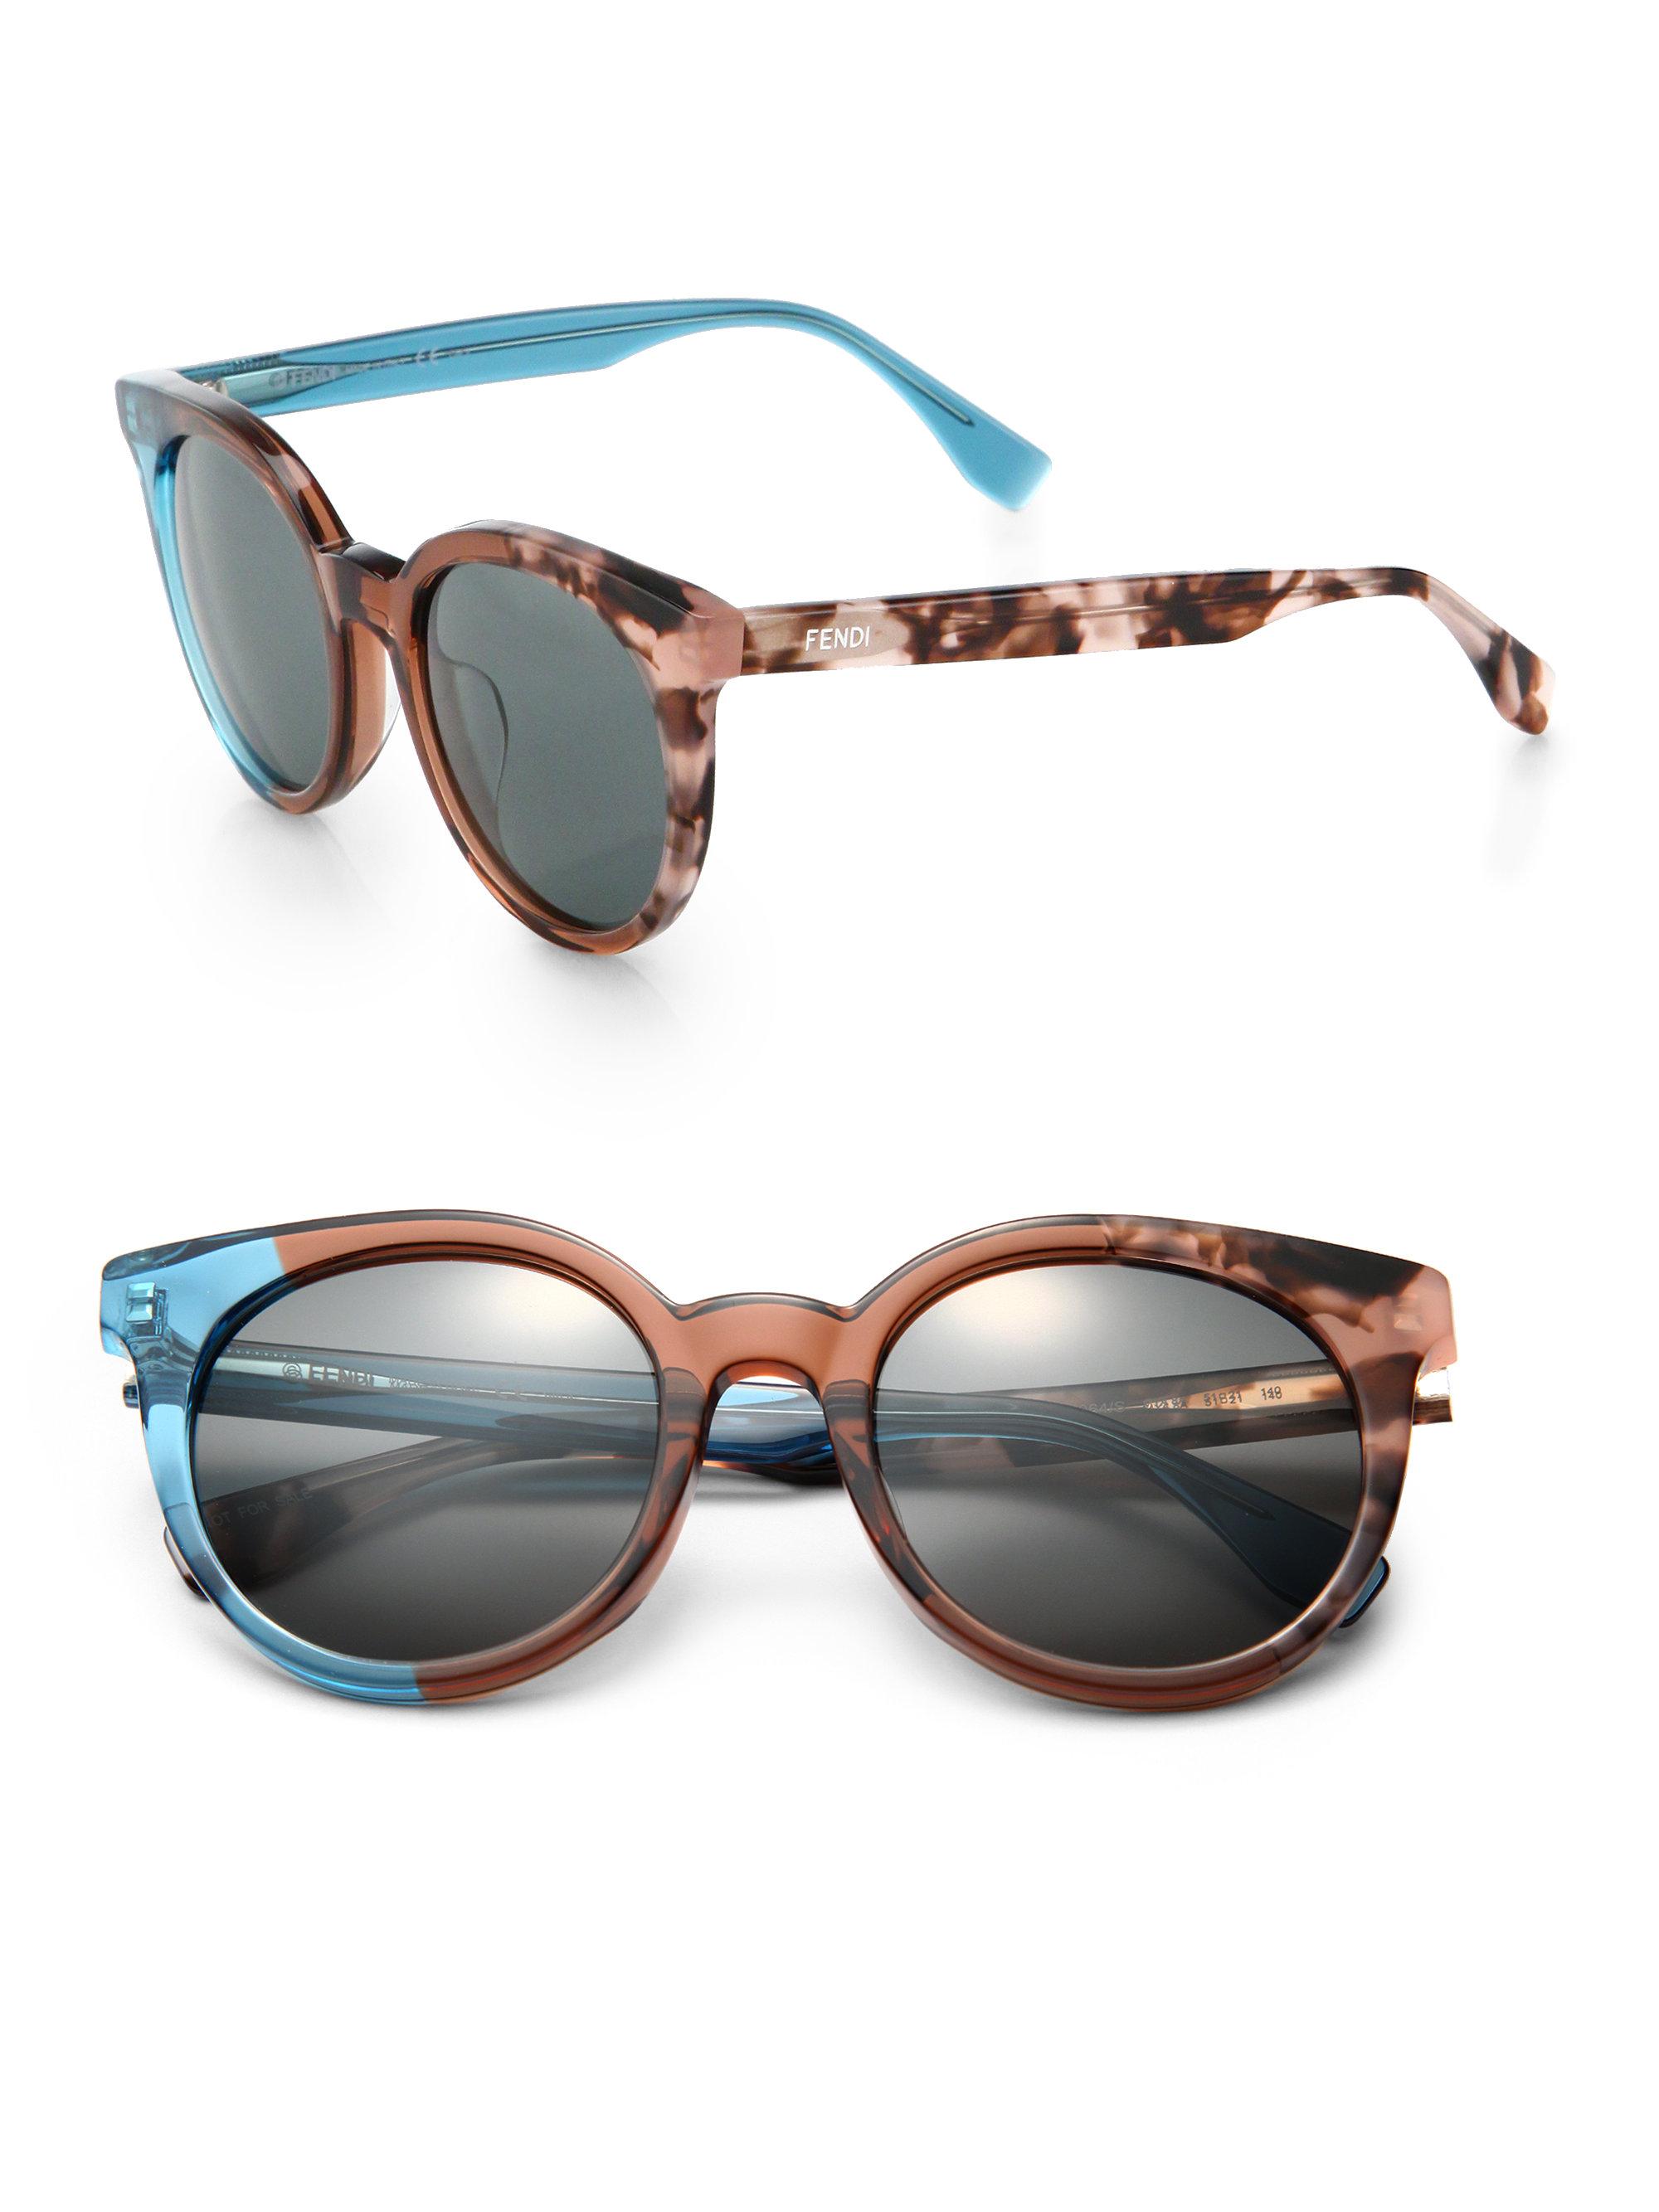 1e292b34c2 Fendi Colorblock Sunglasses